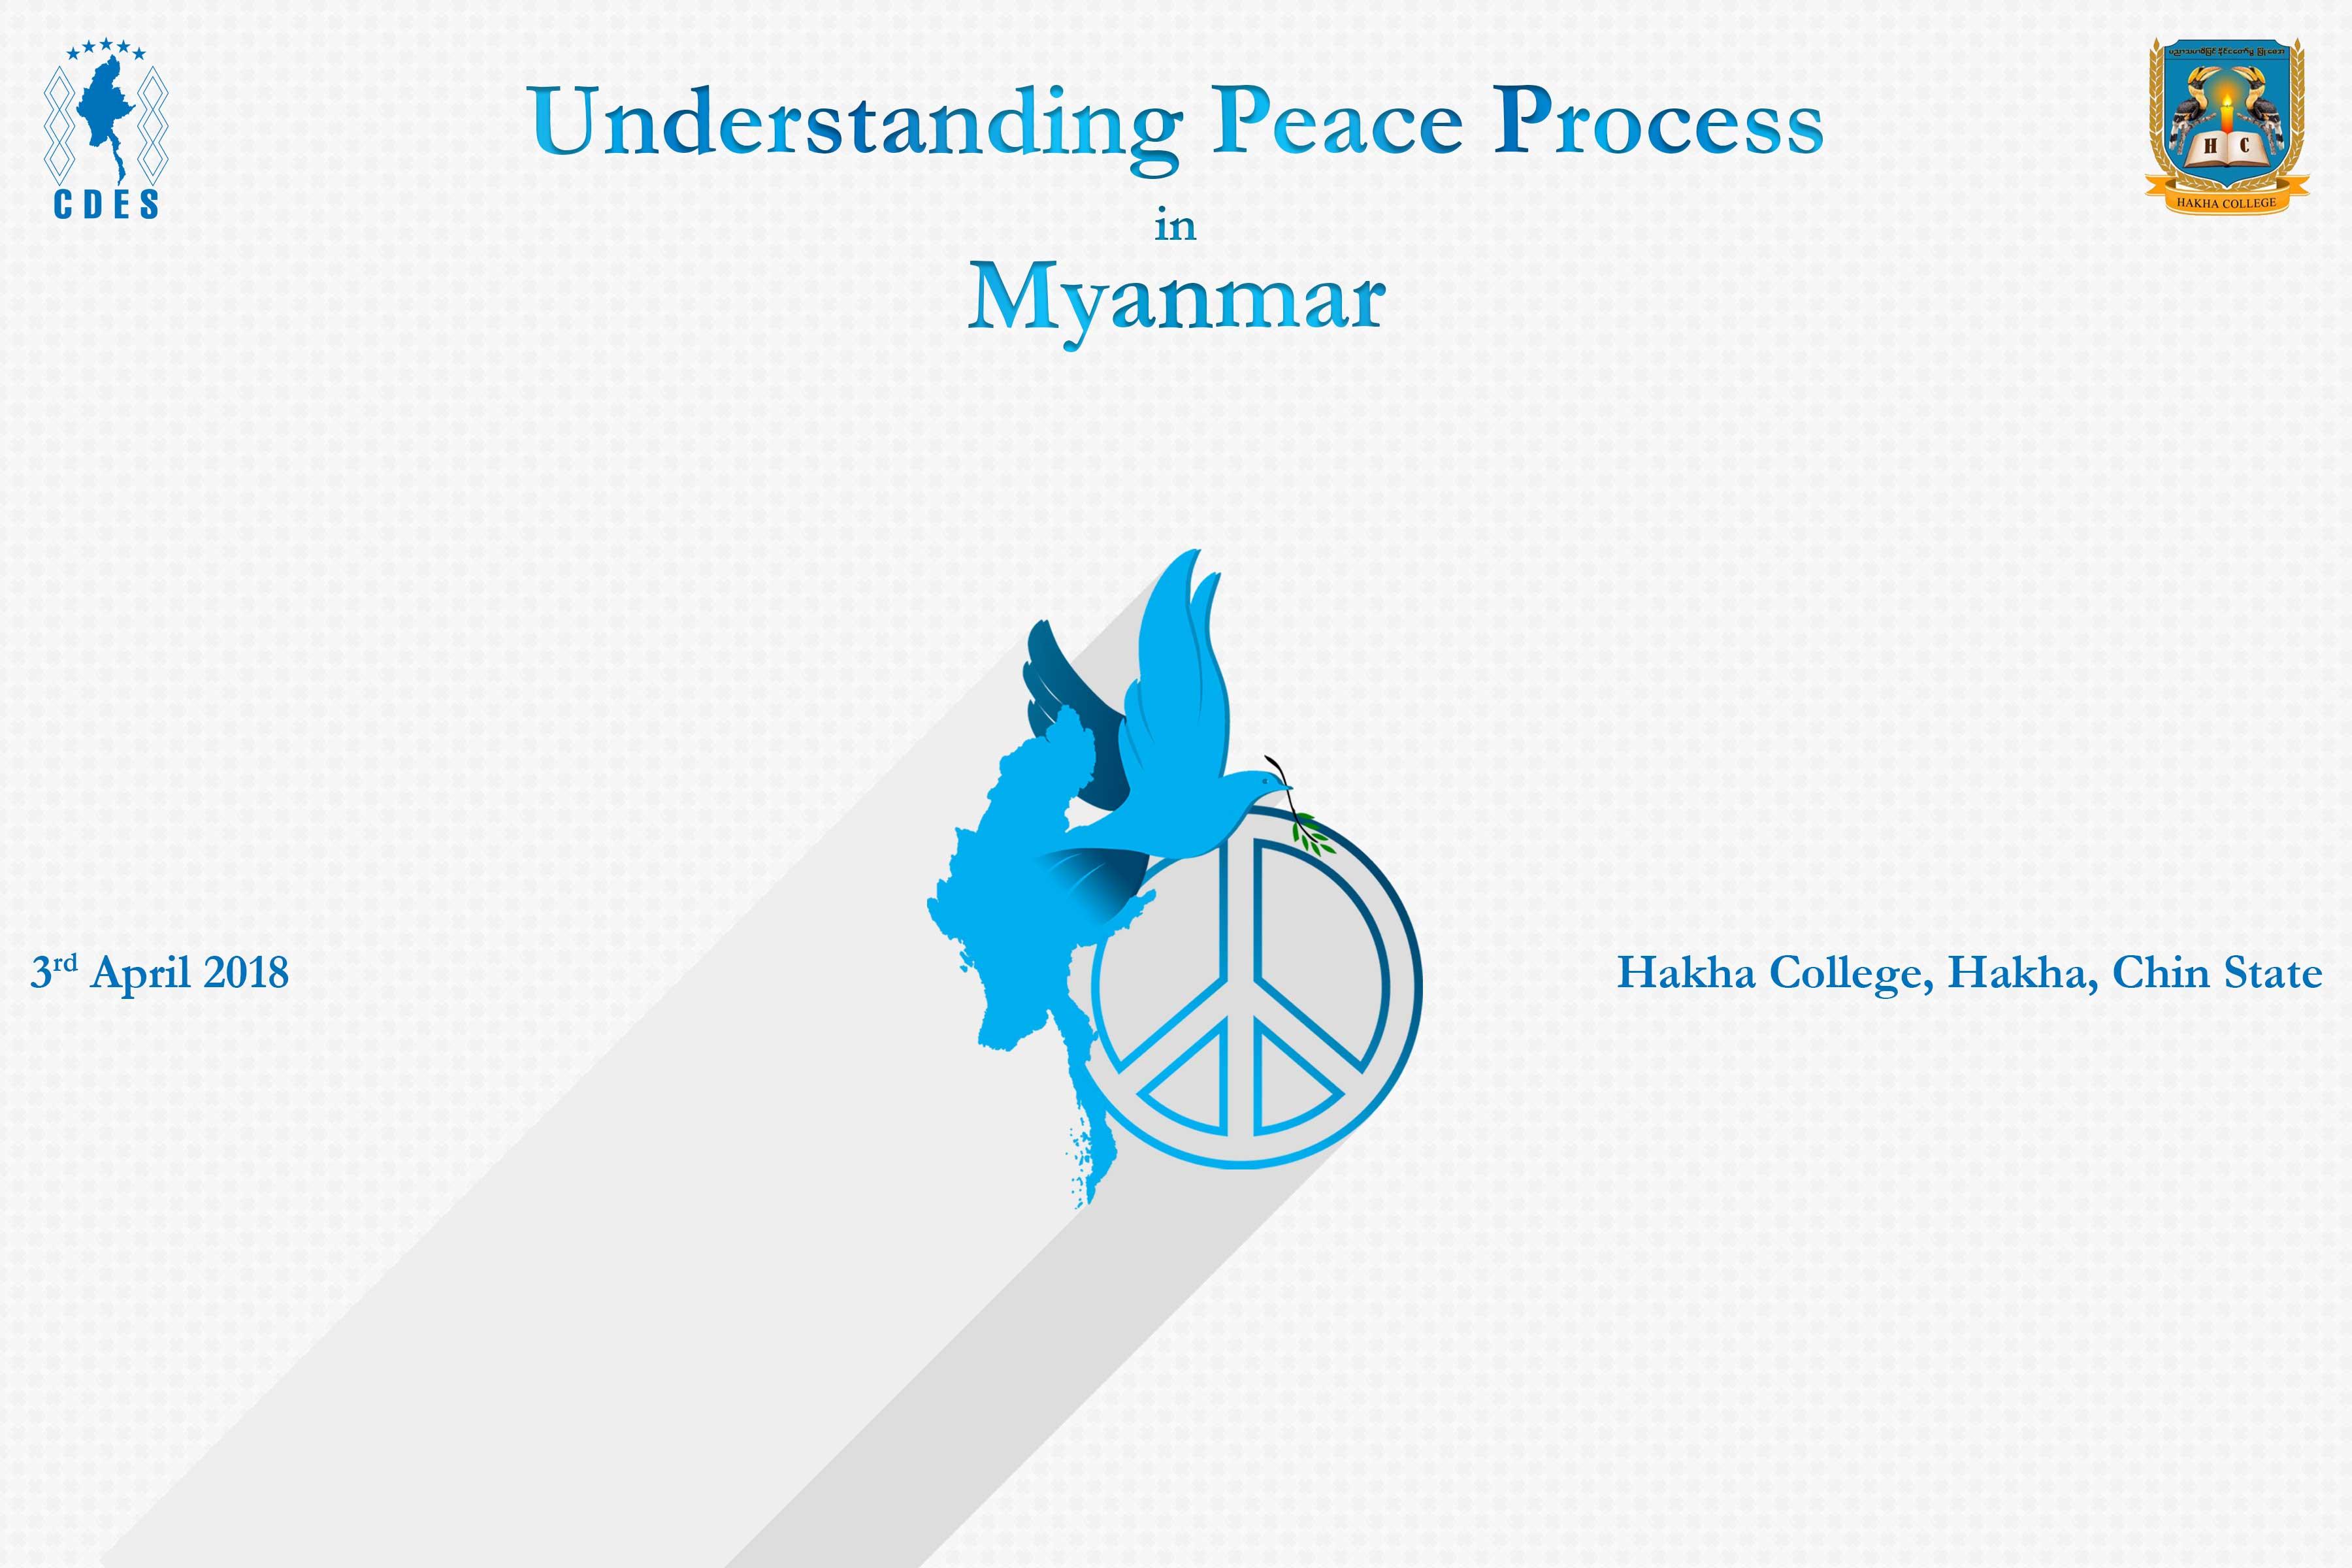 Understanding Peace Process in Myanmar